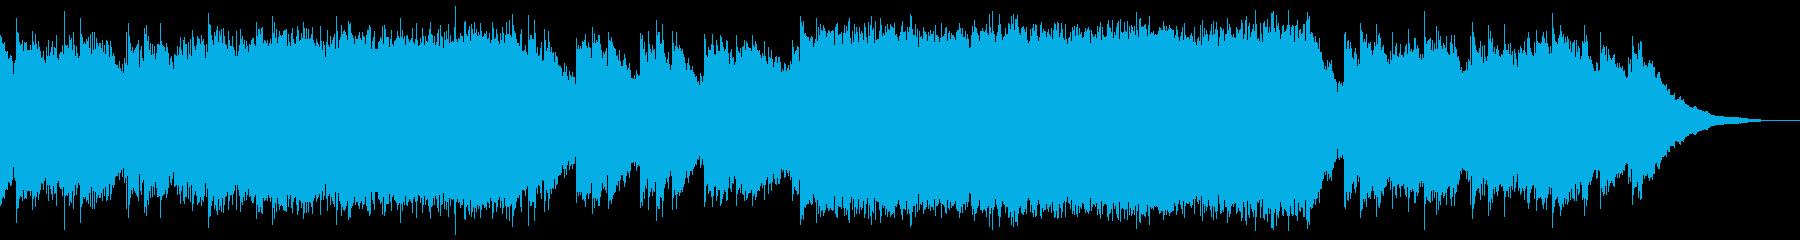 映画 ゲーム系エピック トレーラー予告編の再生済みの波形